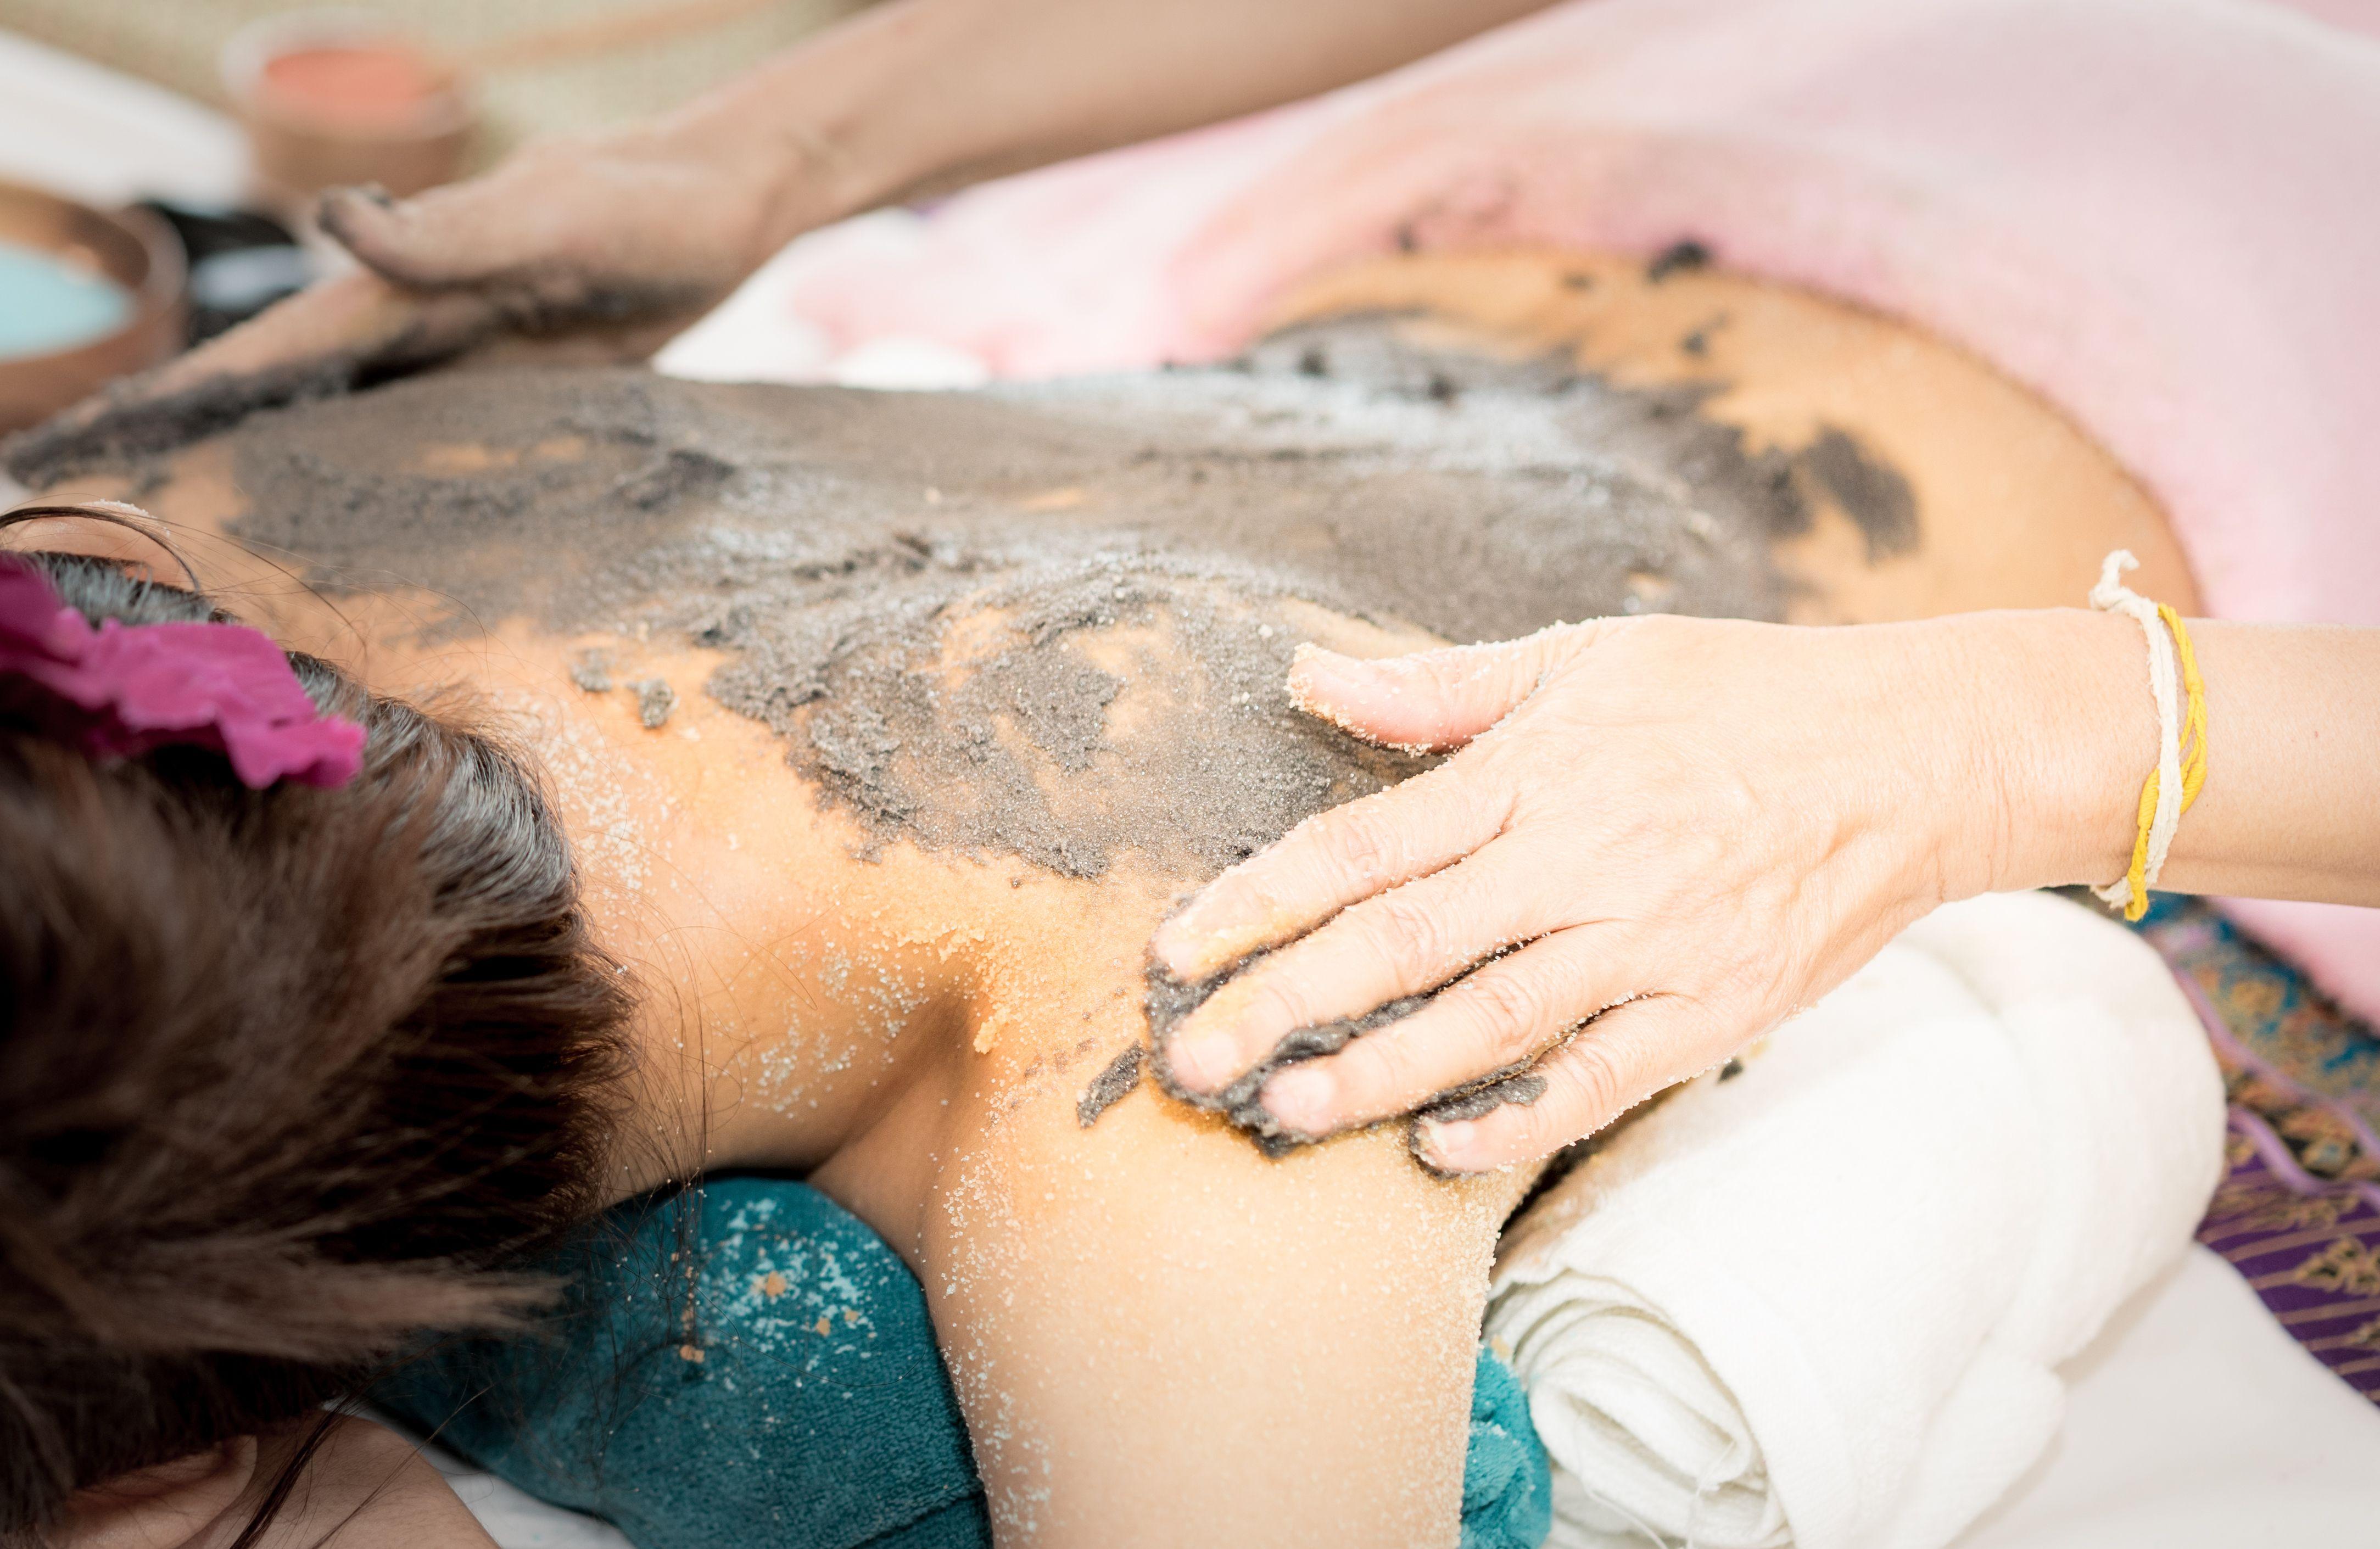 Tratamientos con barro y algas en Basauri